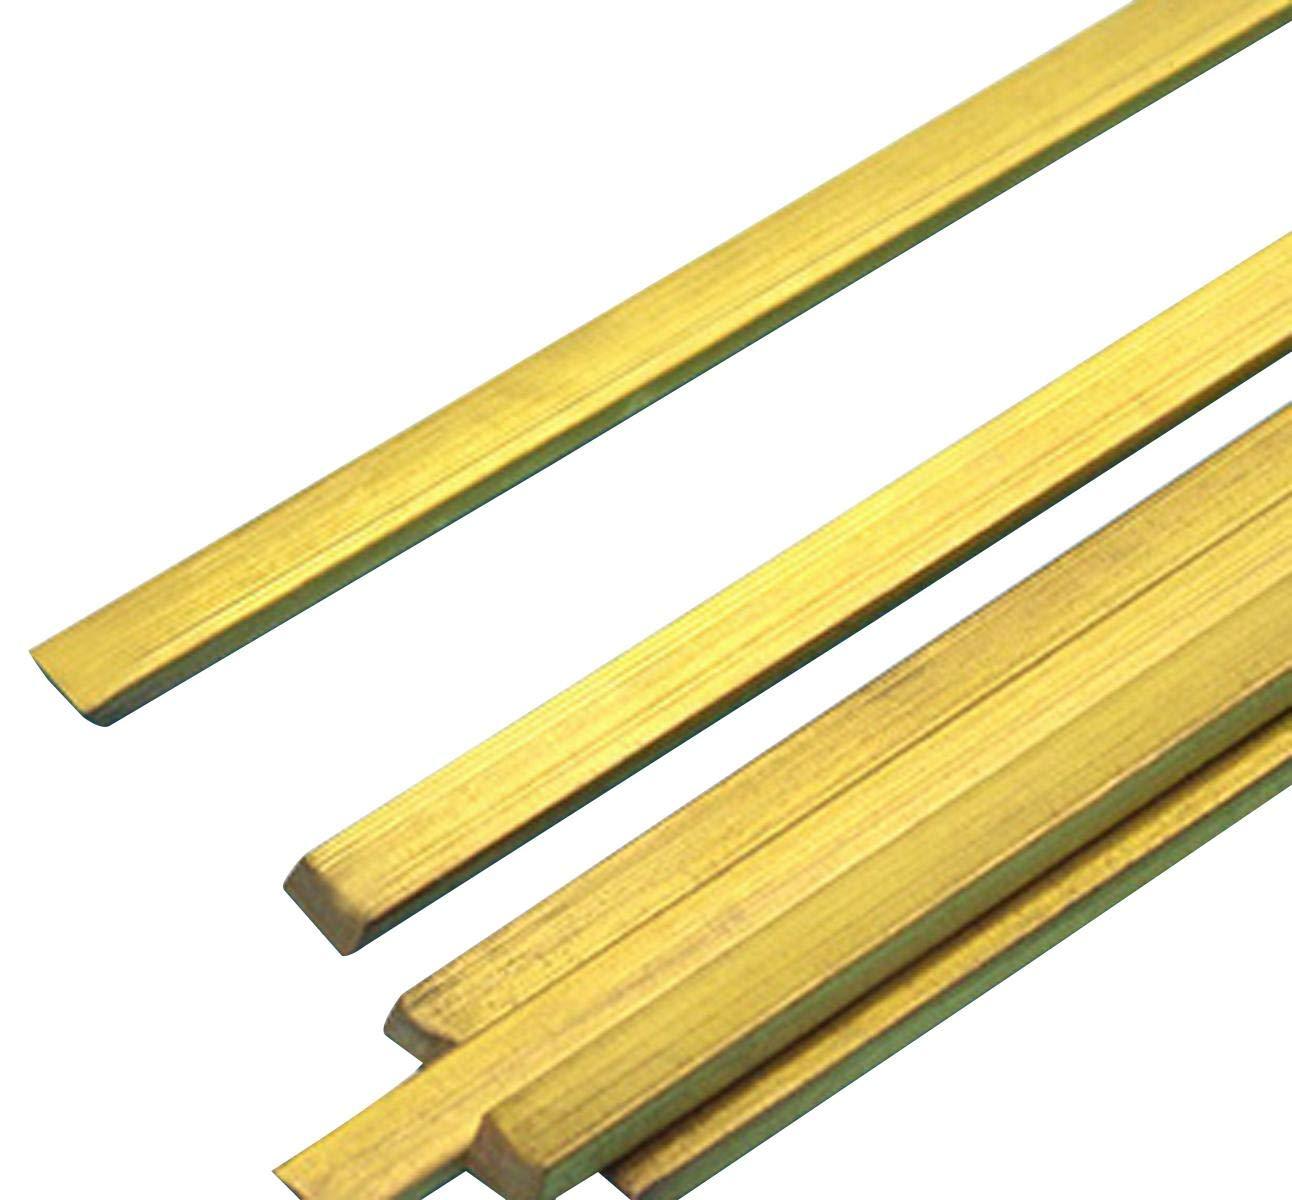 C360 Brass Flat Bar Sheet 5mm x 15mm x 250mm